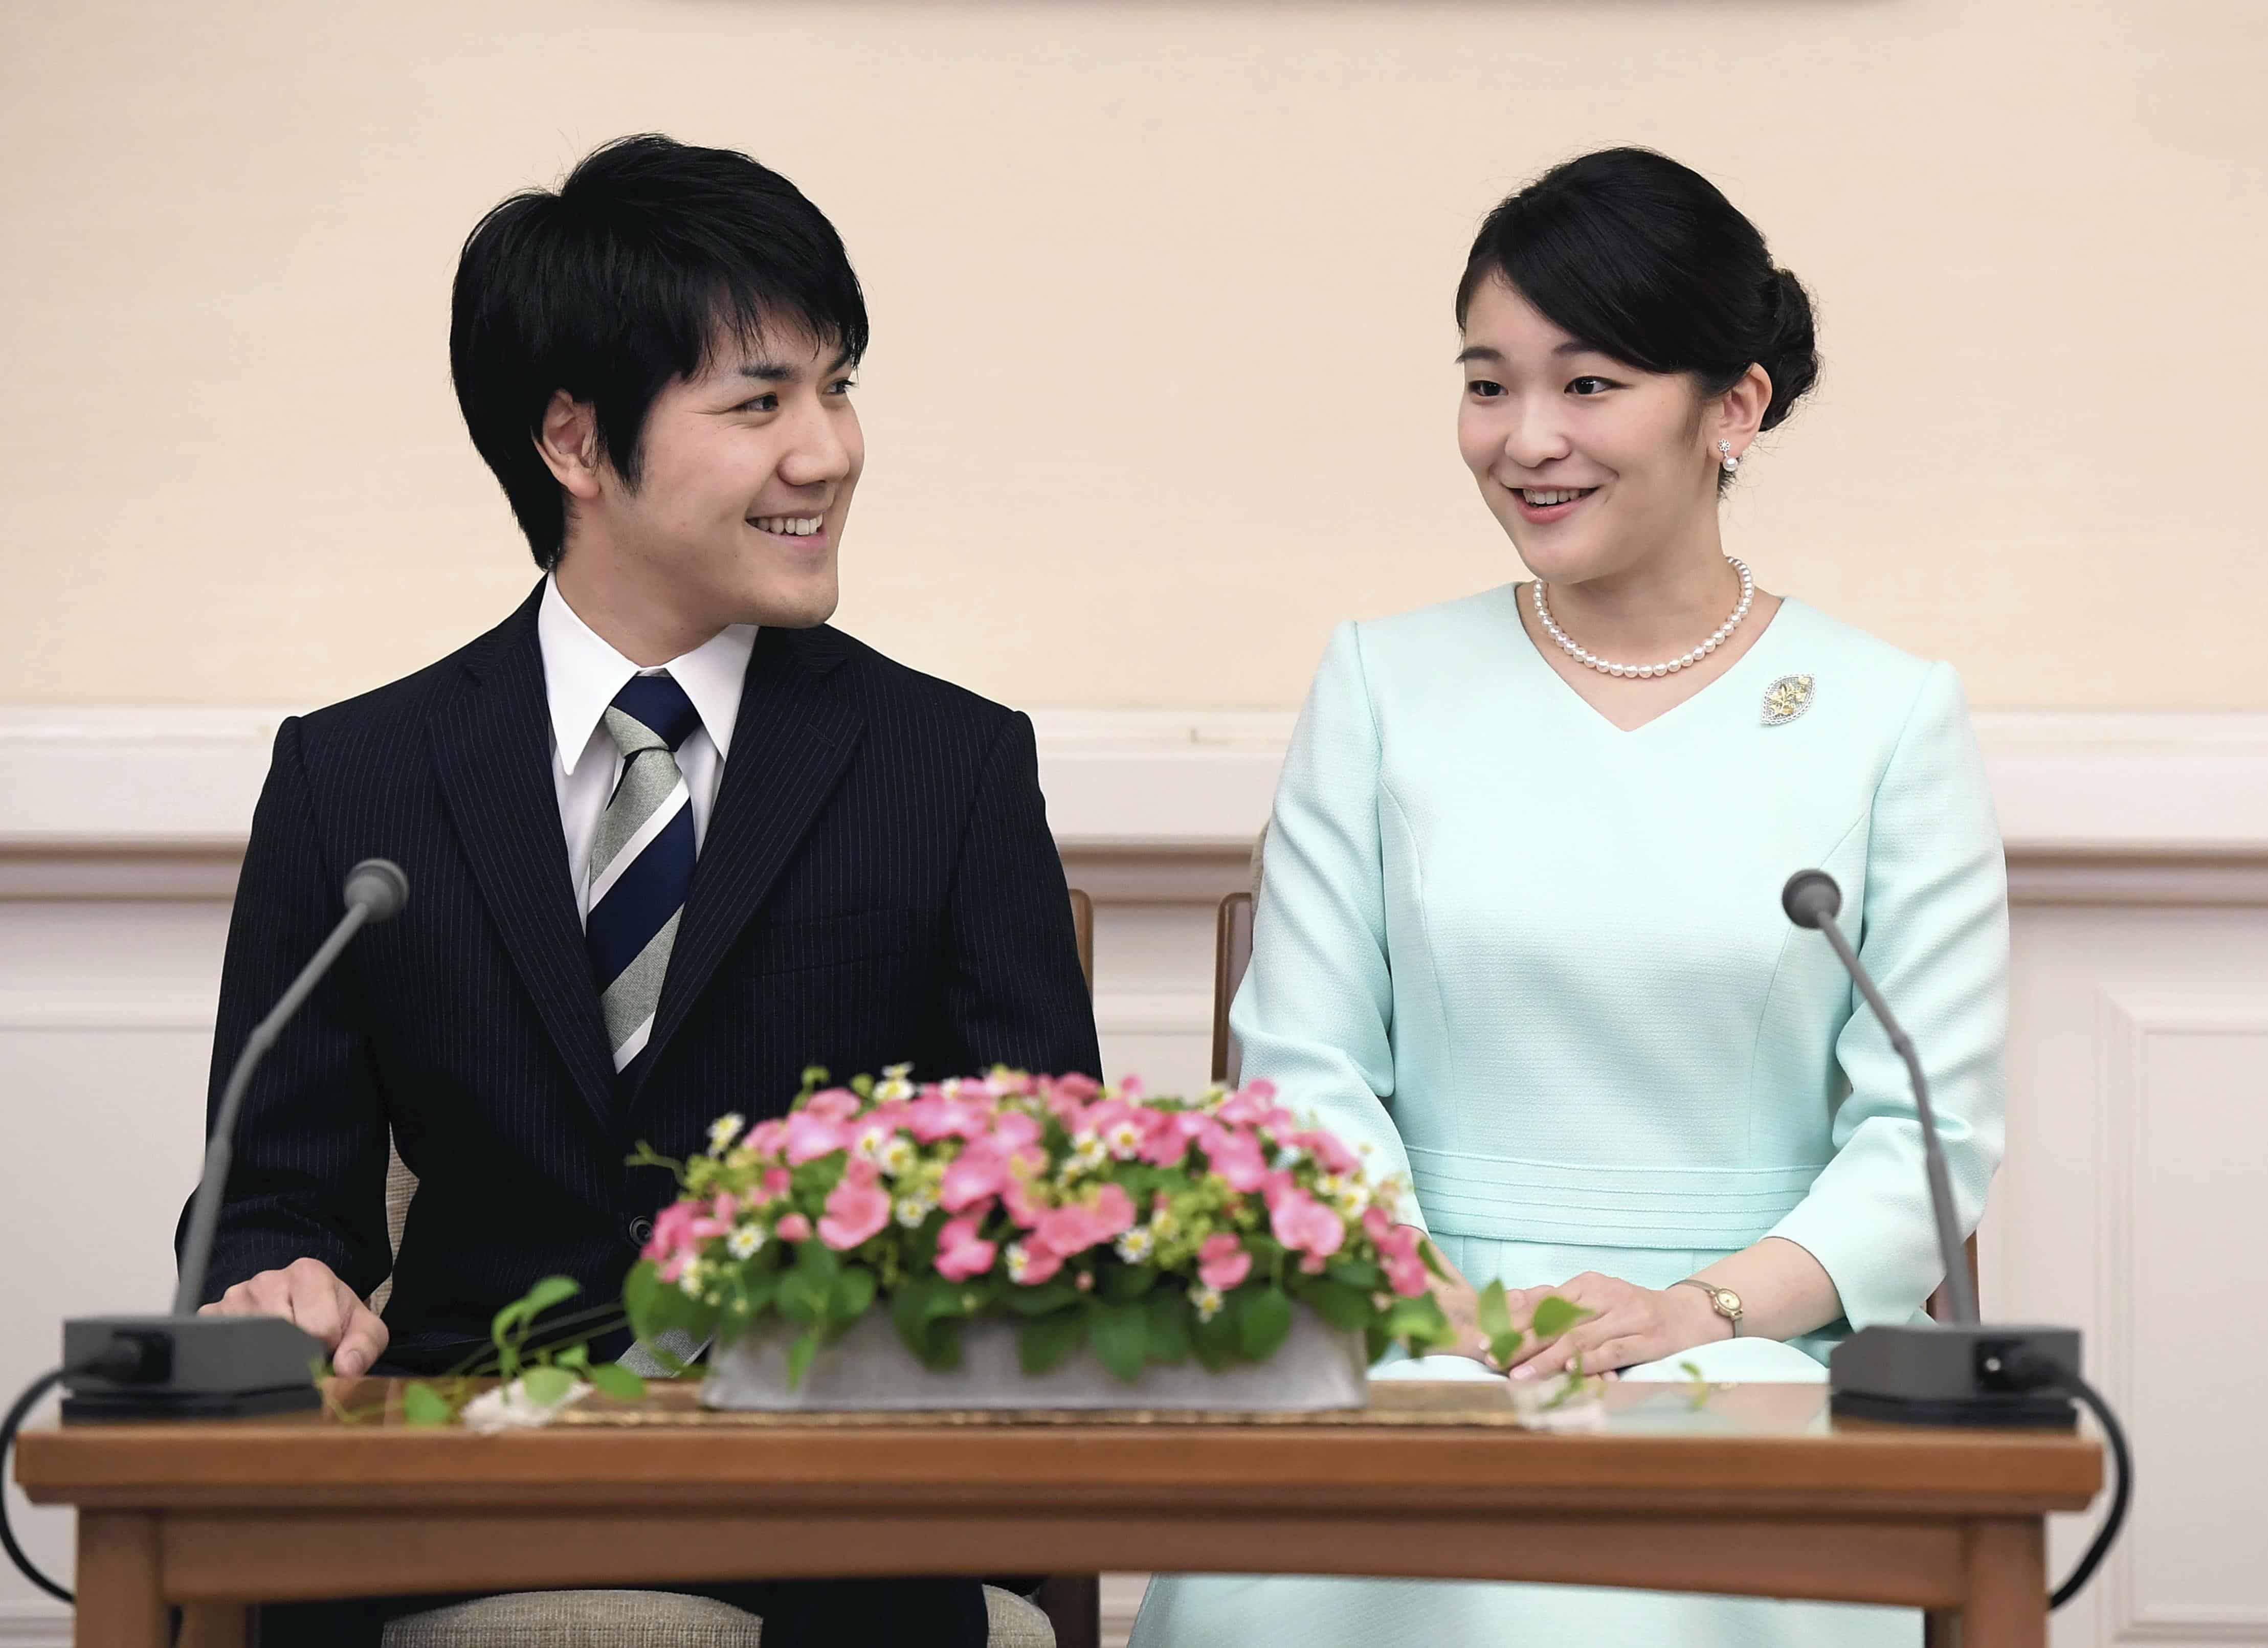 Prinzessin Mako: Das Hochzeitsdatum steht fest!